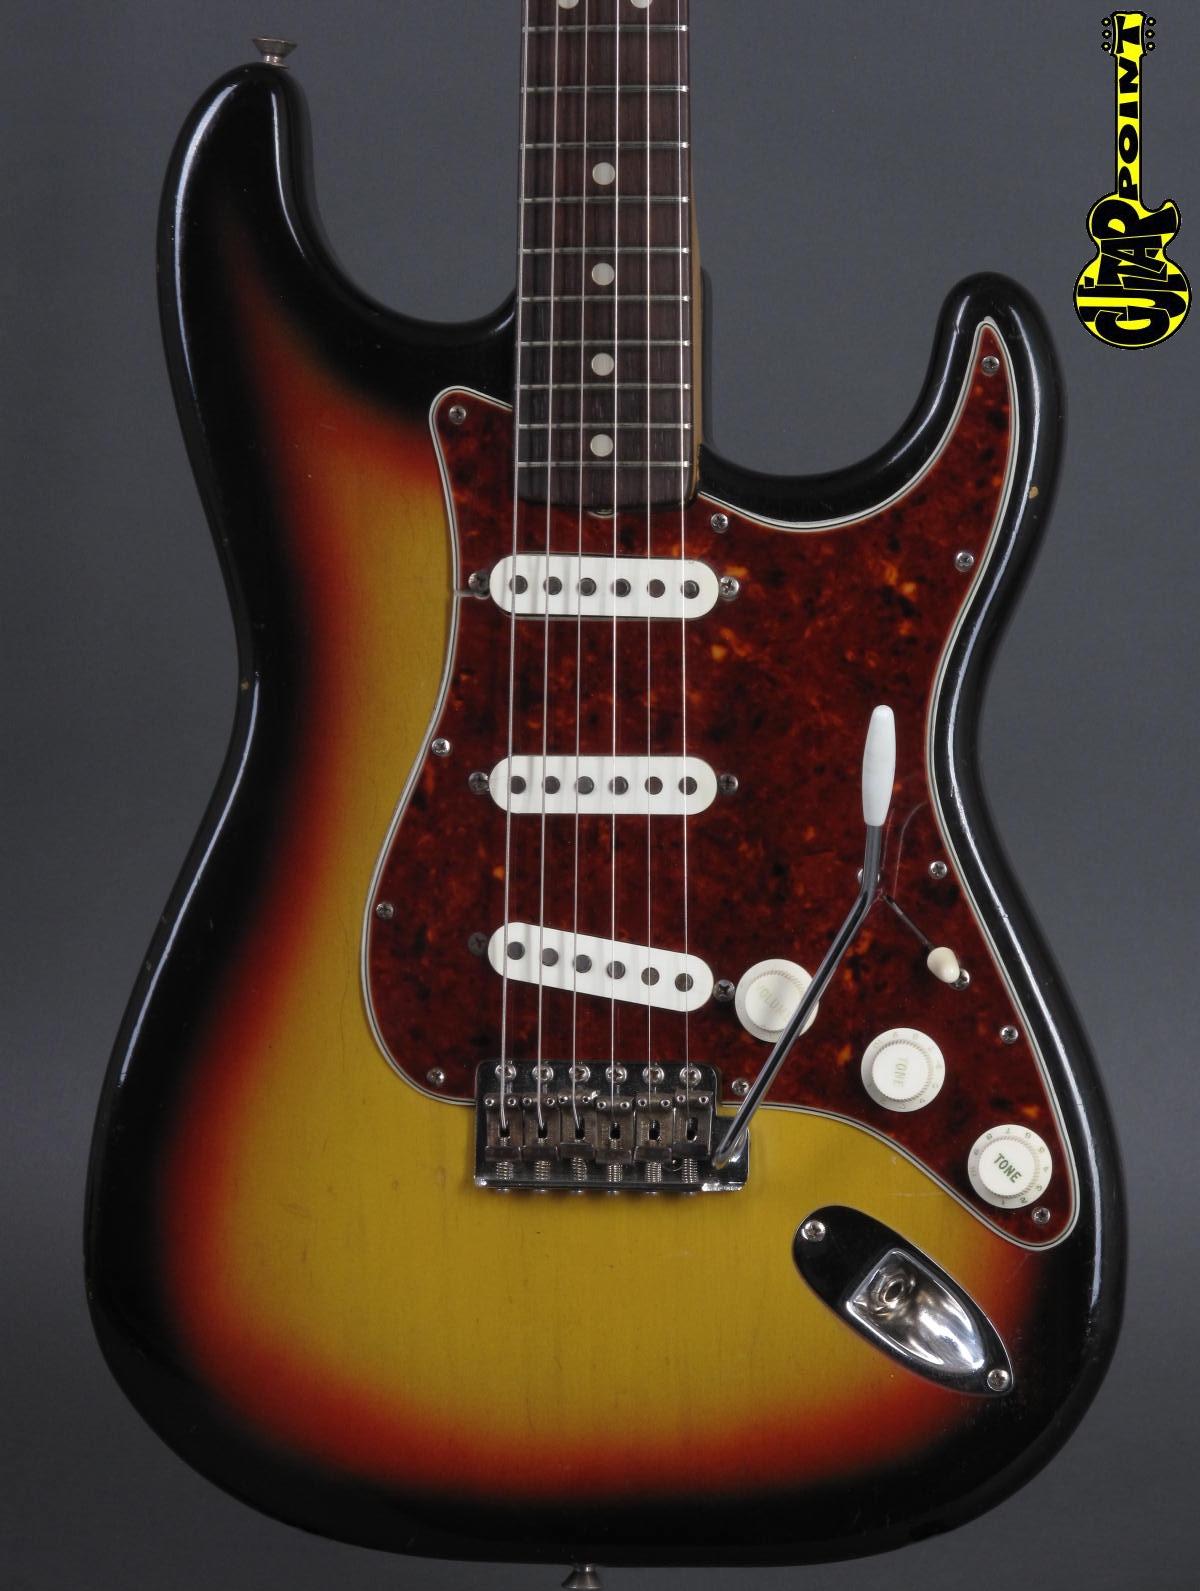 1965 Fender Stratocaster - 3t-Sunburst ...rare Tortoise guard + lightweight